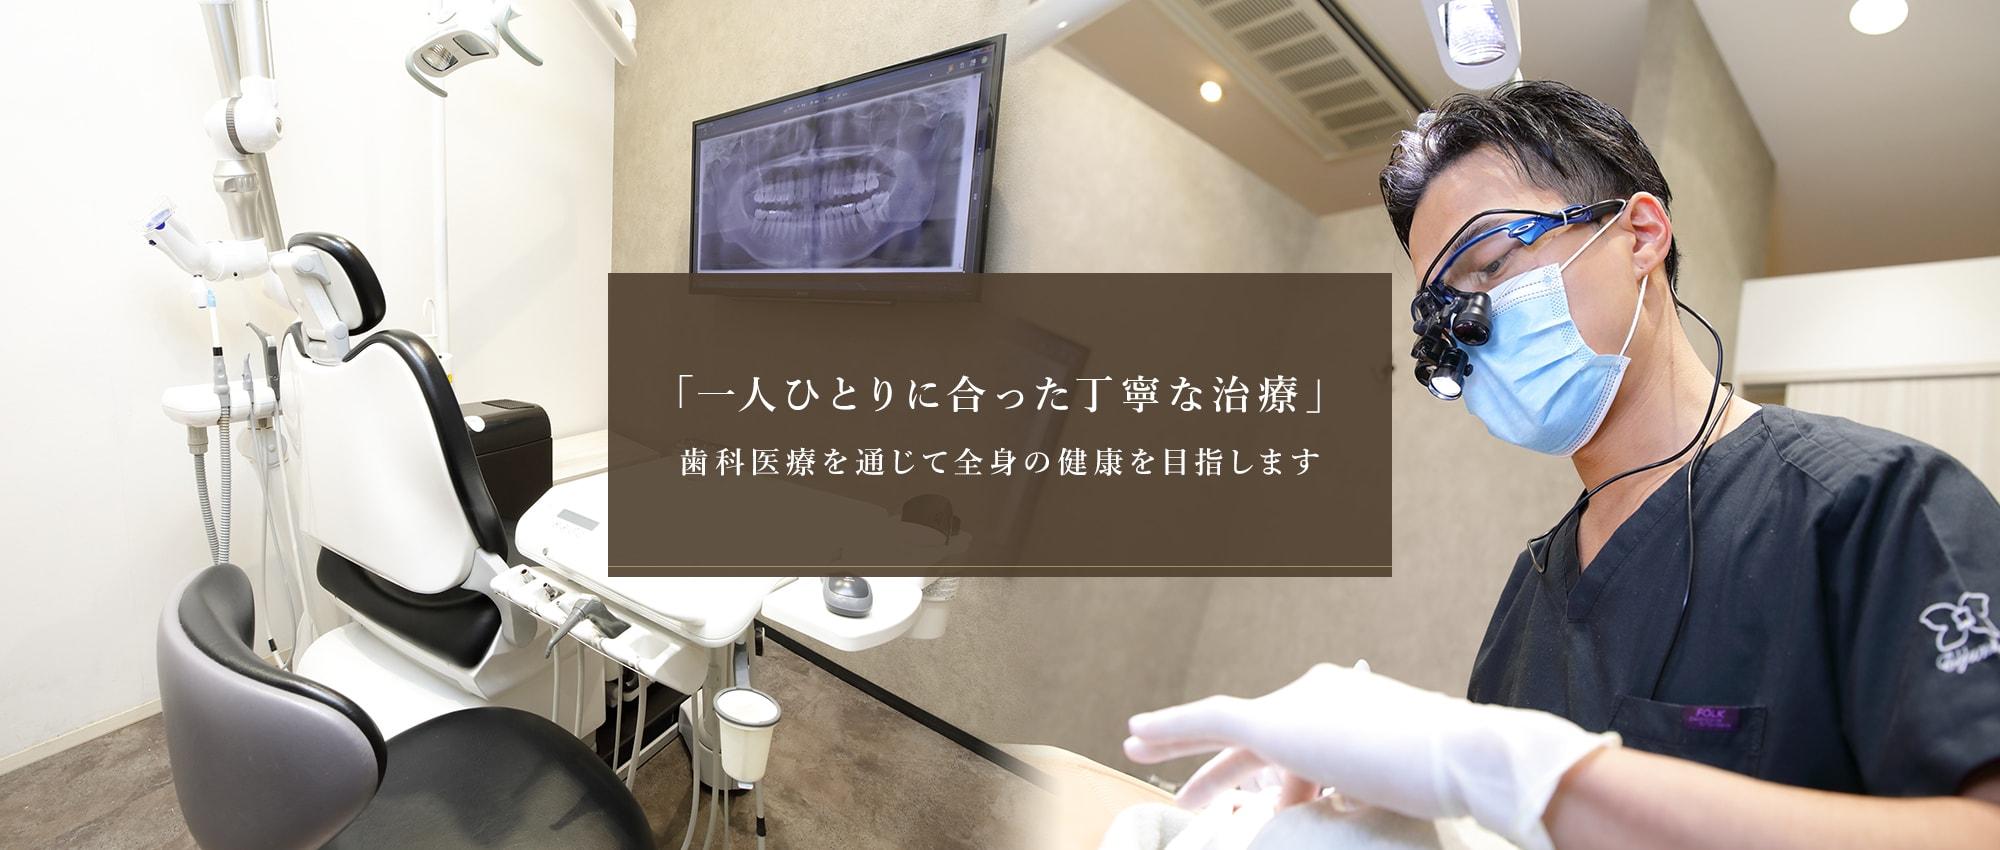 「一人ひとりに合った丁寧な治療」歯科医療を通じて全身の健康を目指します